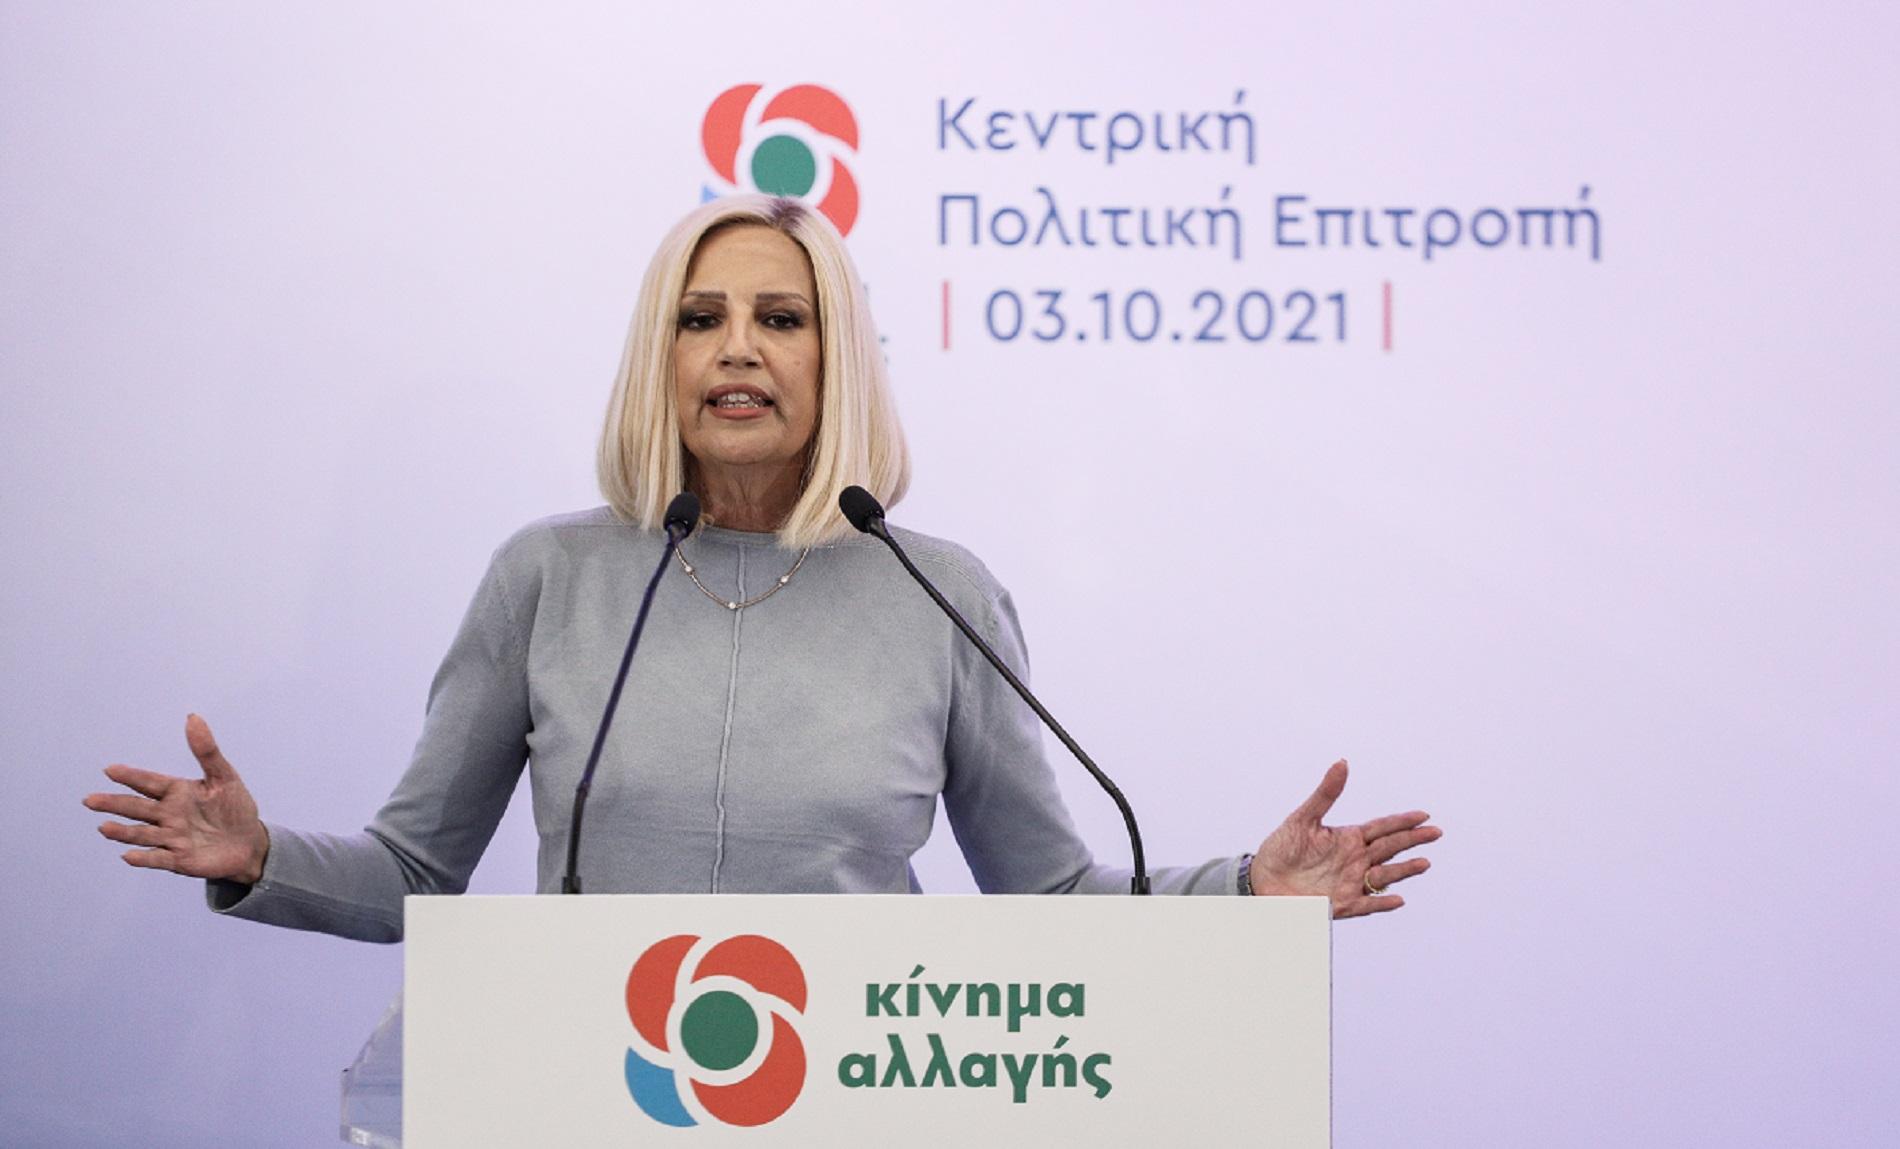 Τι λέει ο Κ. Γιαννακόπουλος για την πορεία της πανδημίας στη Λάρισα